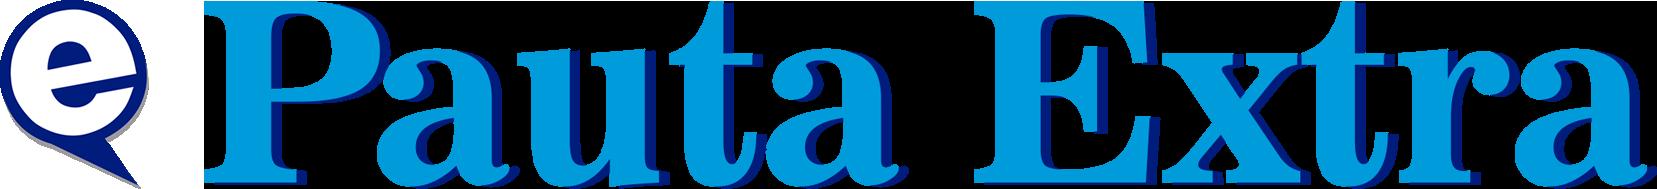 Pauta Extra